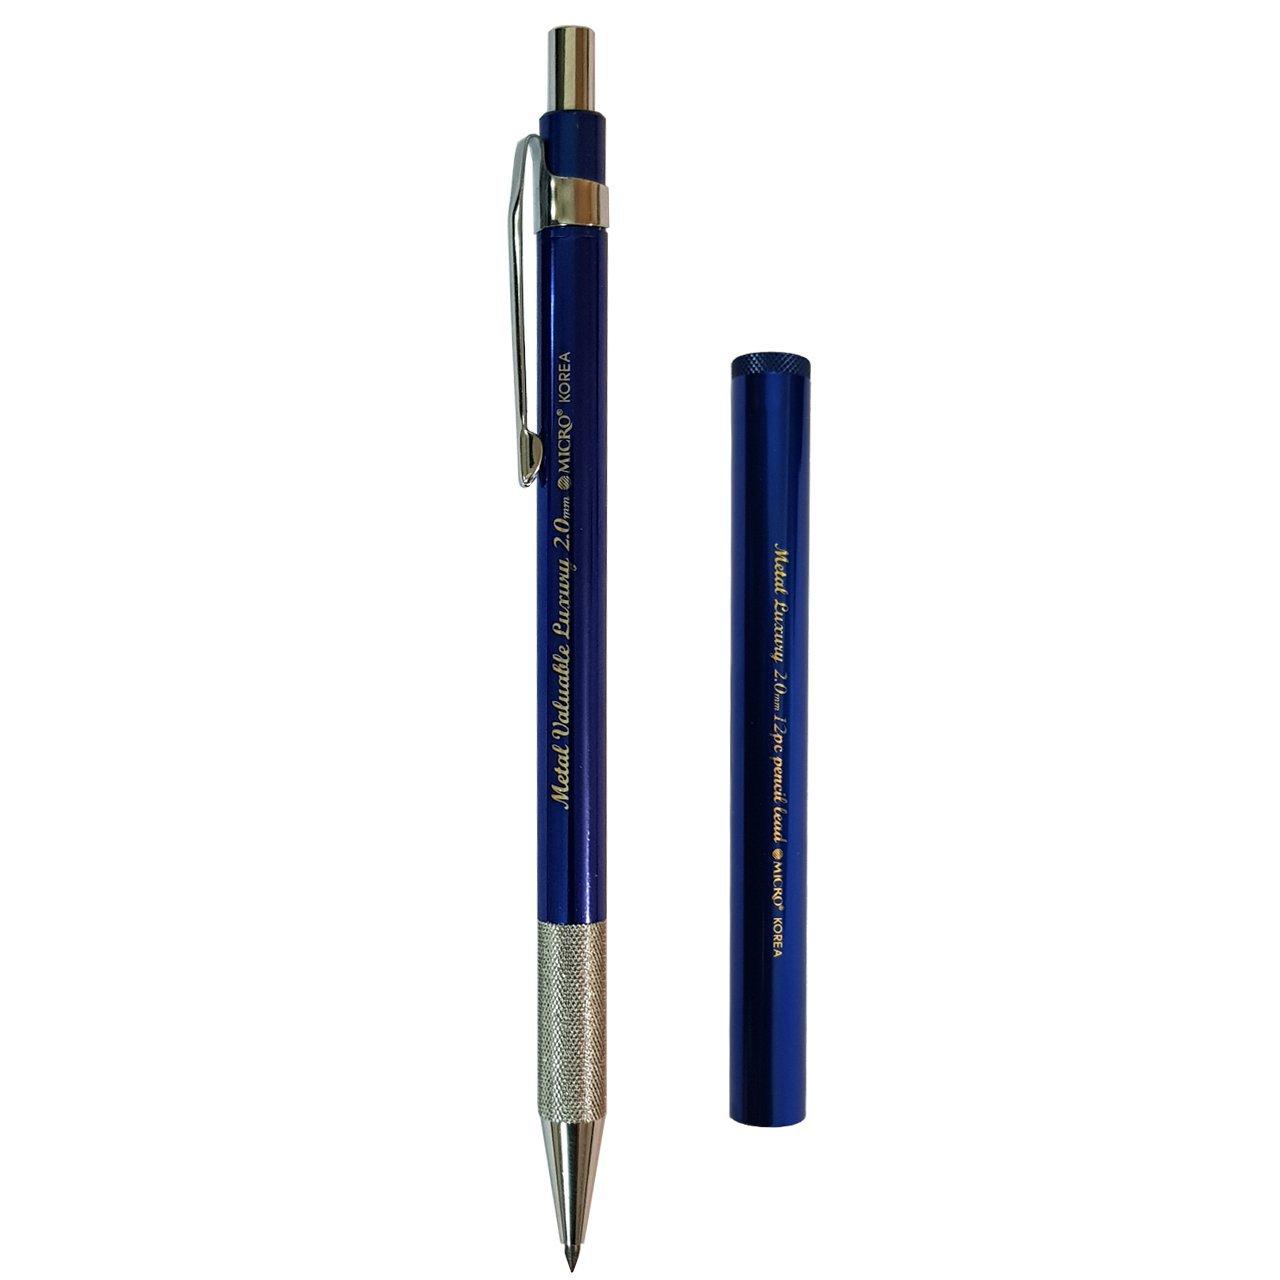 مداد نوکی 2 میلی متری میکرو مدل Metal به همراه یک بسته نوک 12 عددی